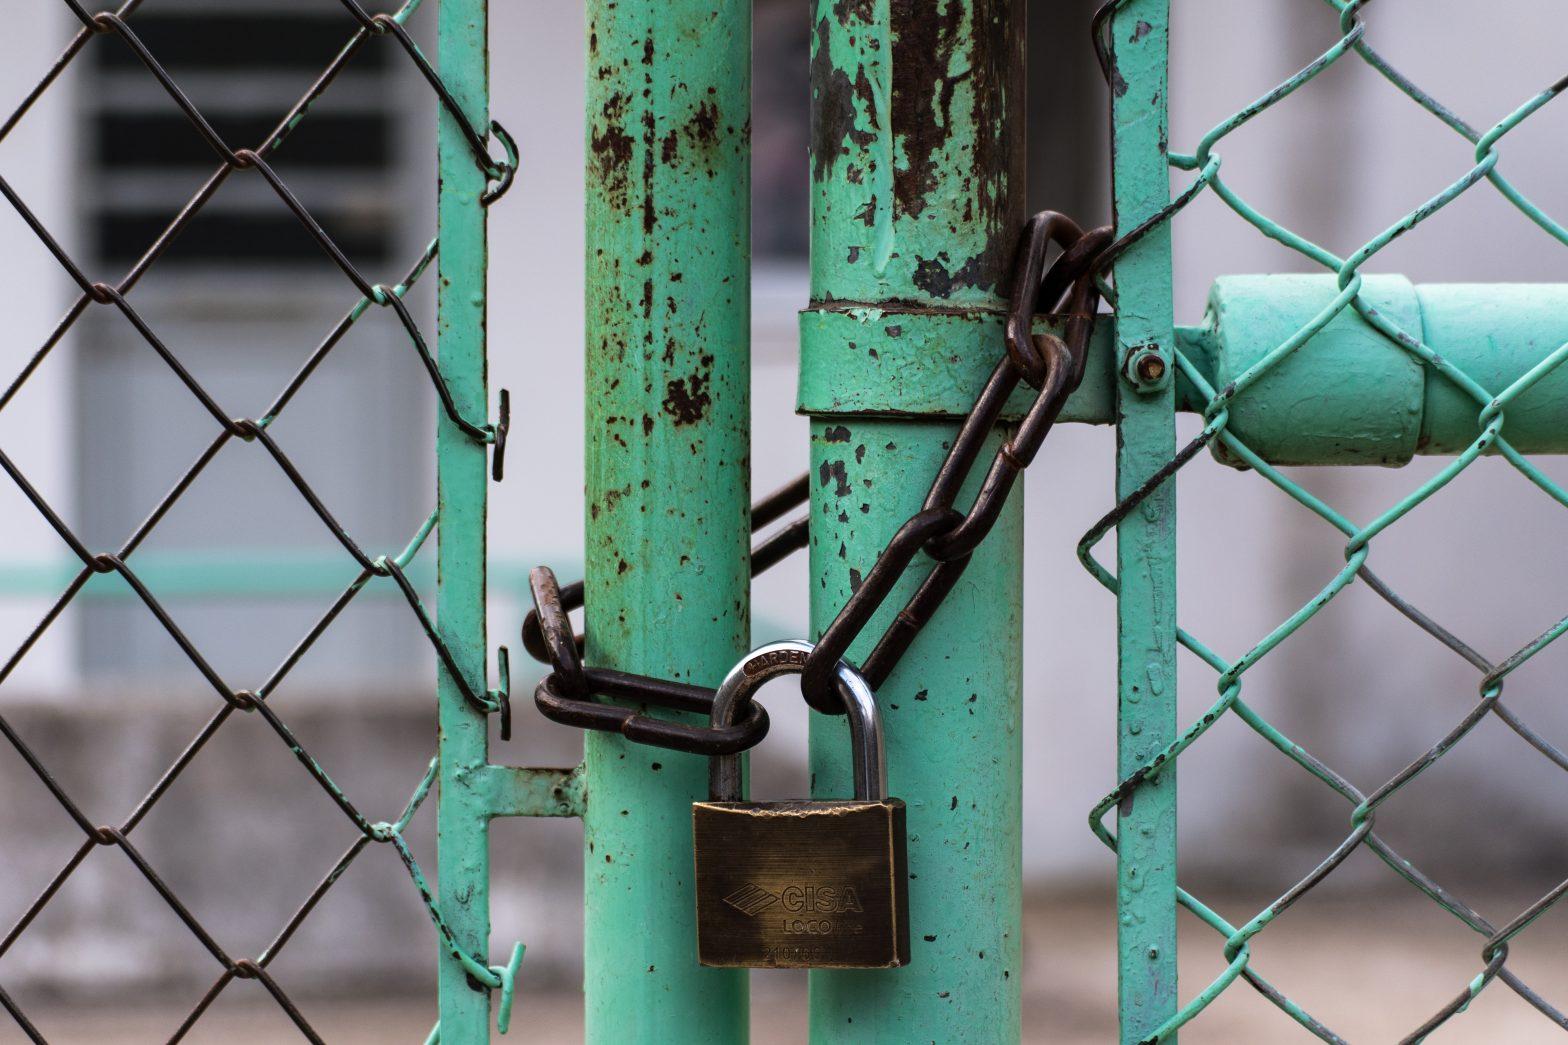 Padlock gate